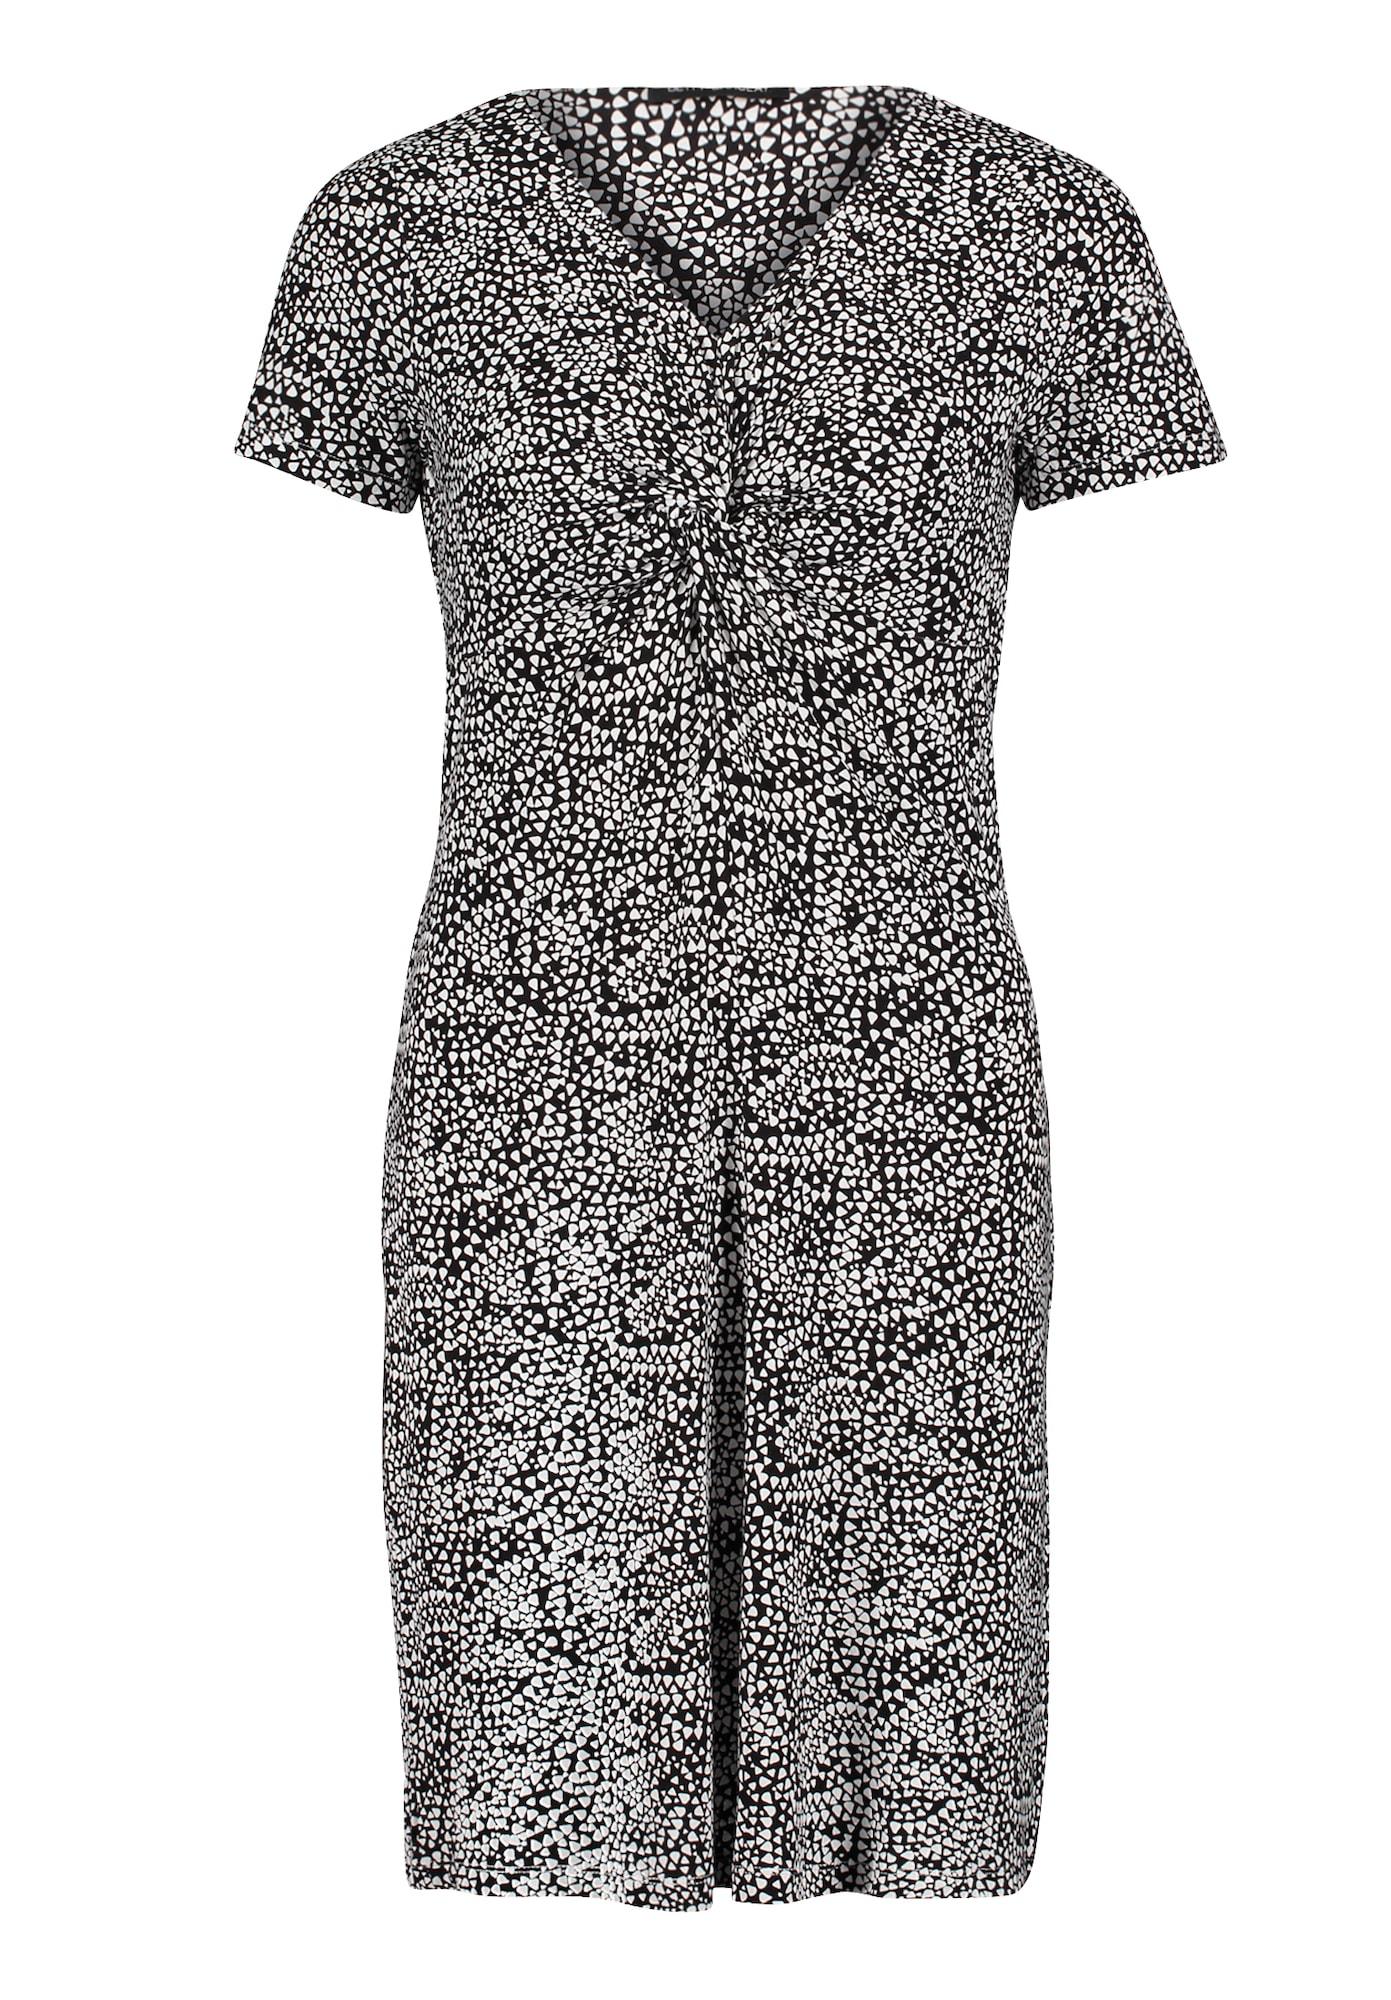 Jerseykleid | Bekleidung > Kleider > Jerseykleider | Betty Barclay